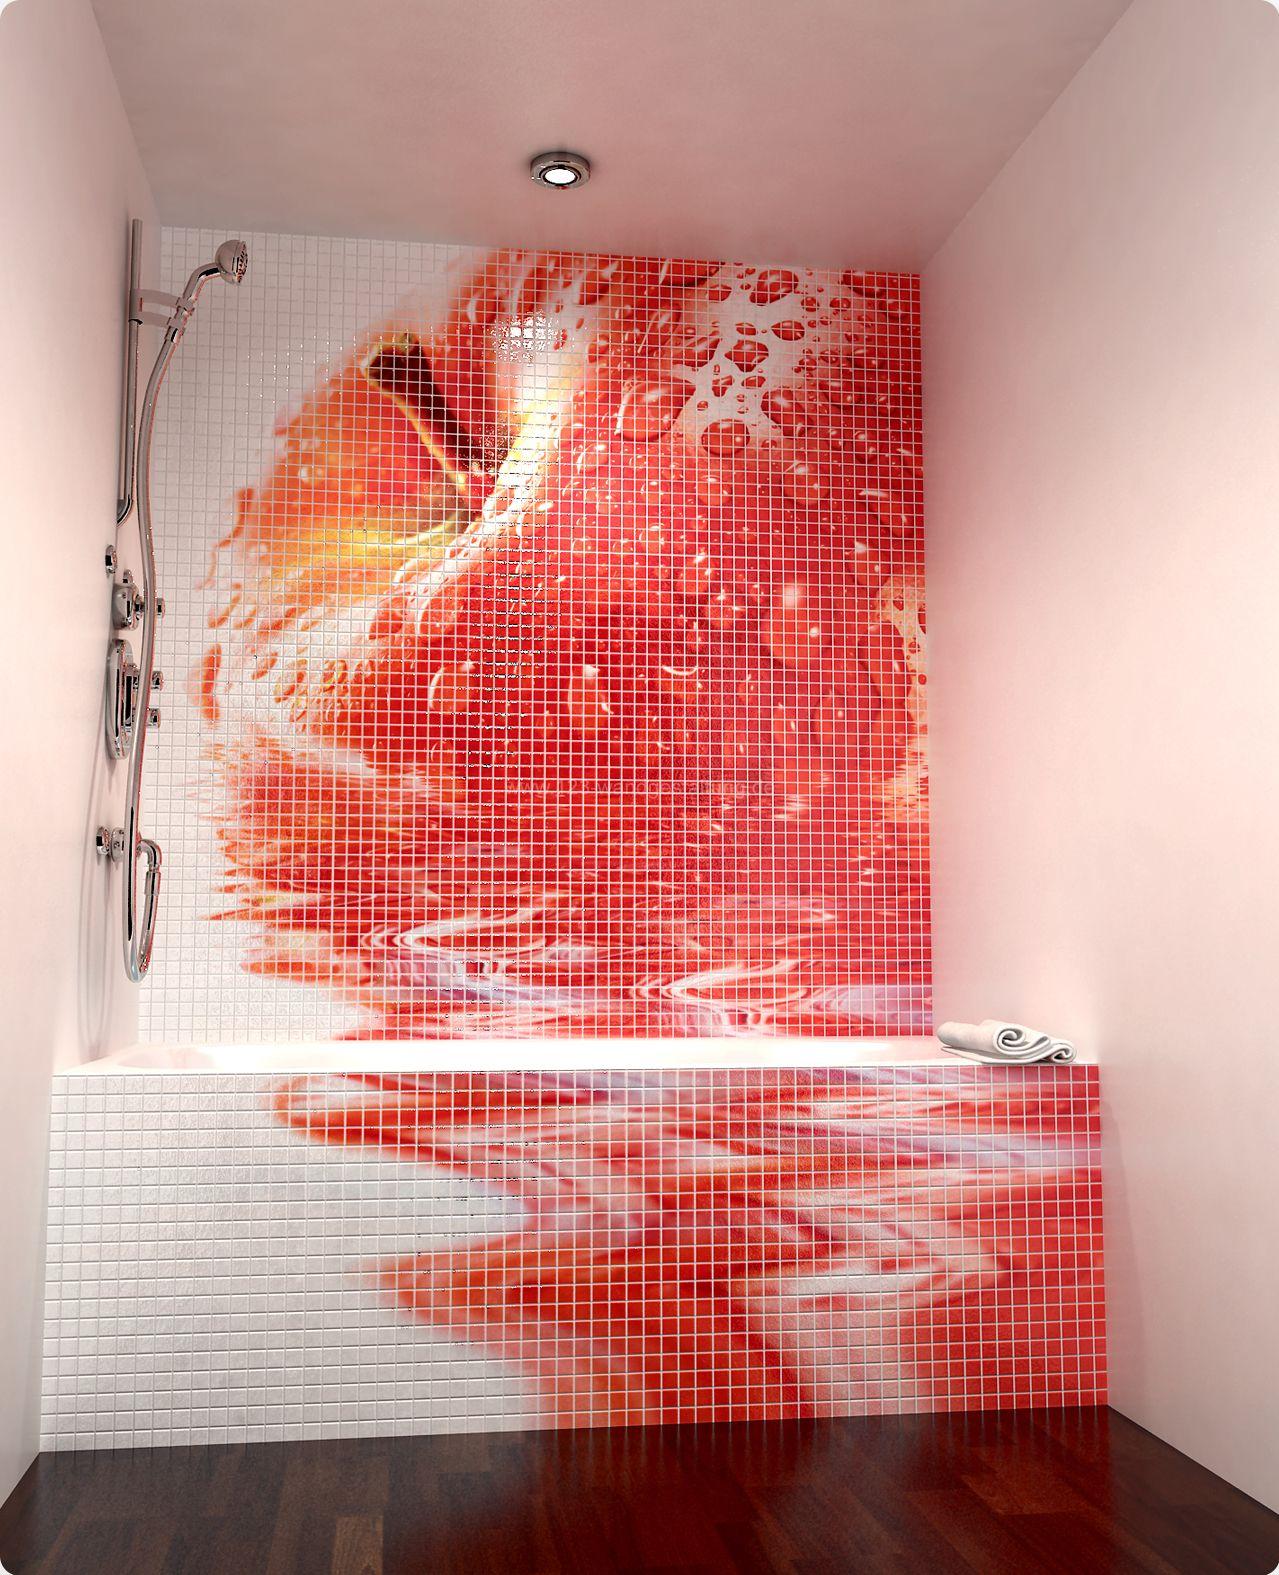 Das Badezimmer Der Mietwohnung Verschönern: Wandgestaltung Mit Mosaikfliesen Aus Keramik Für Das